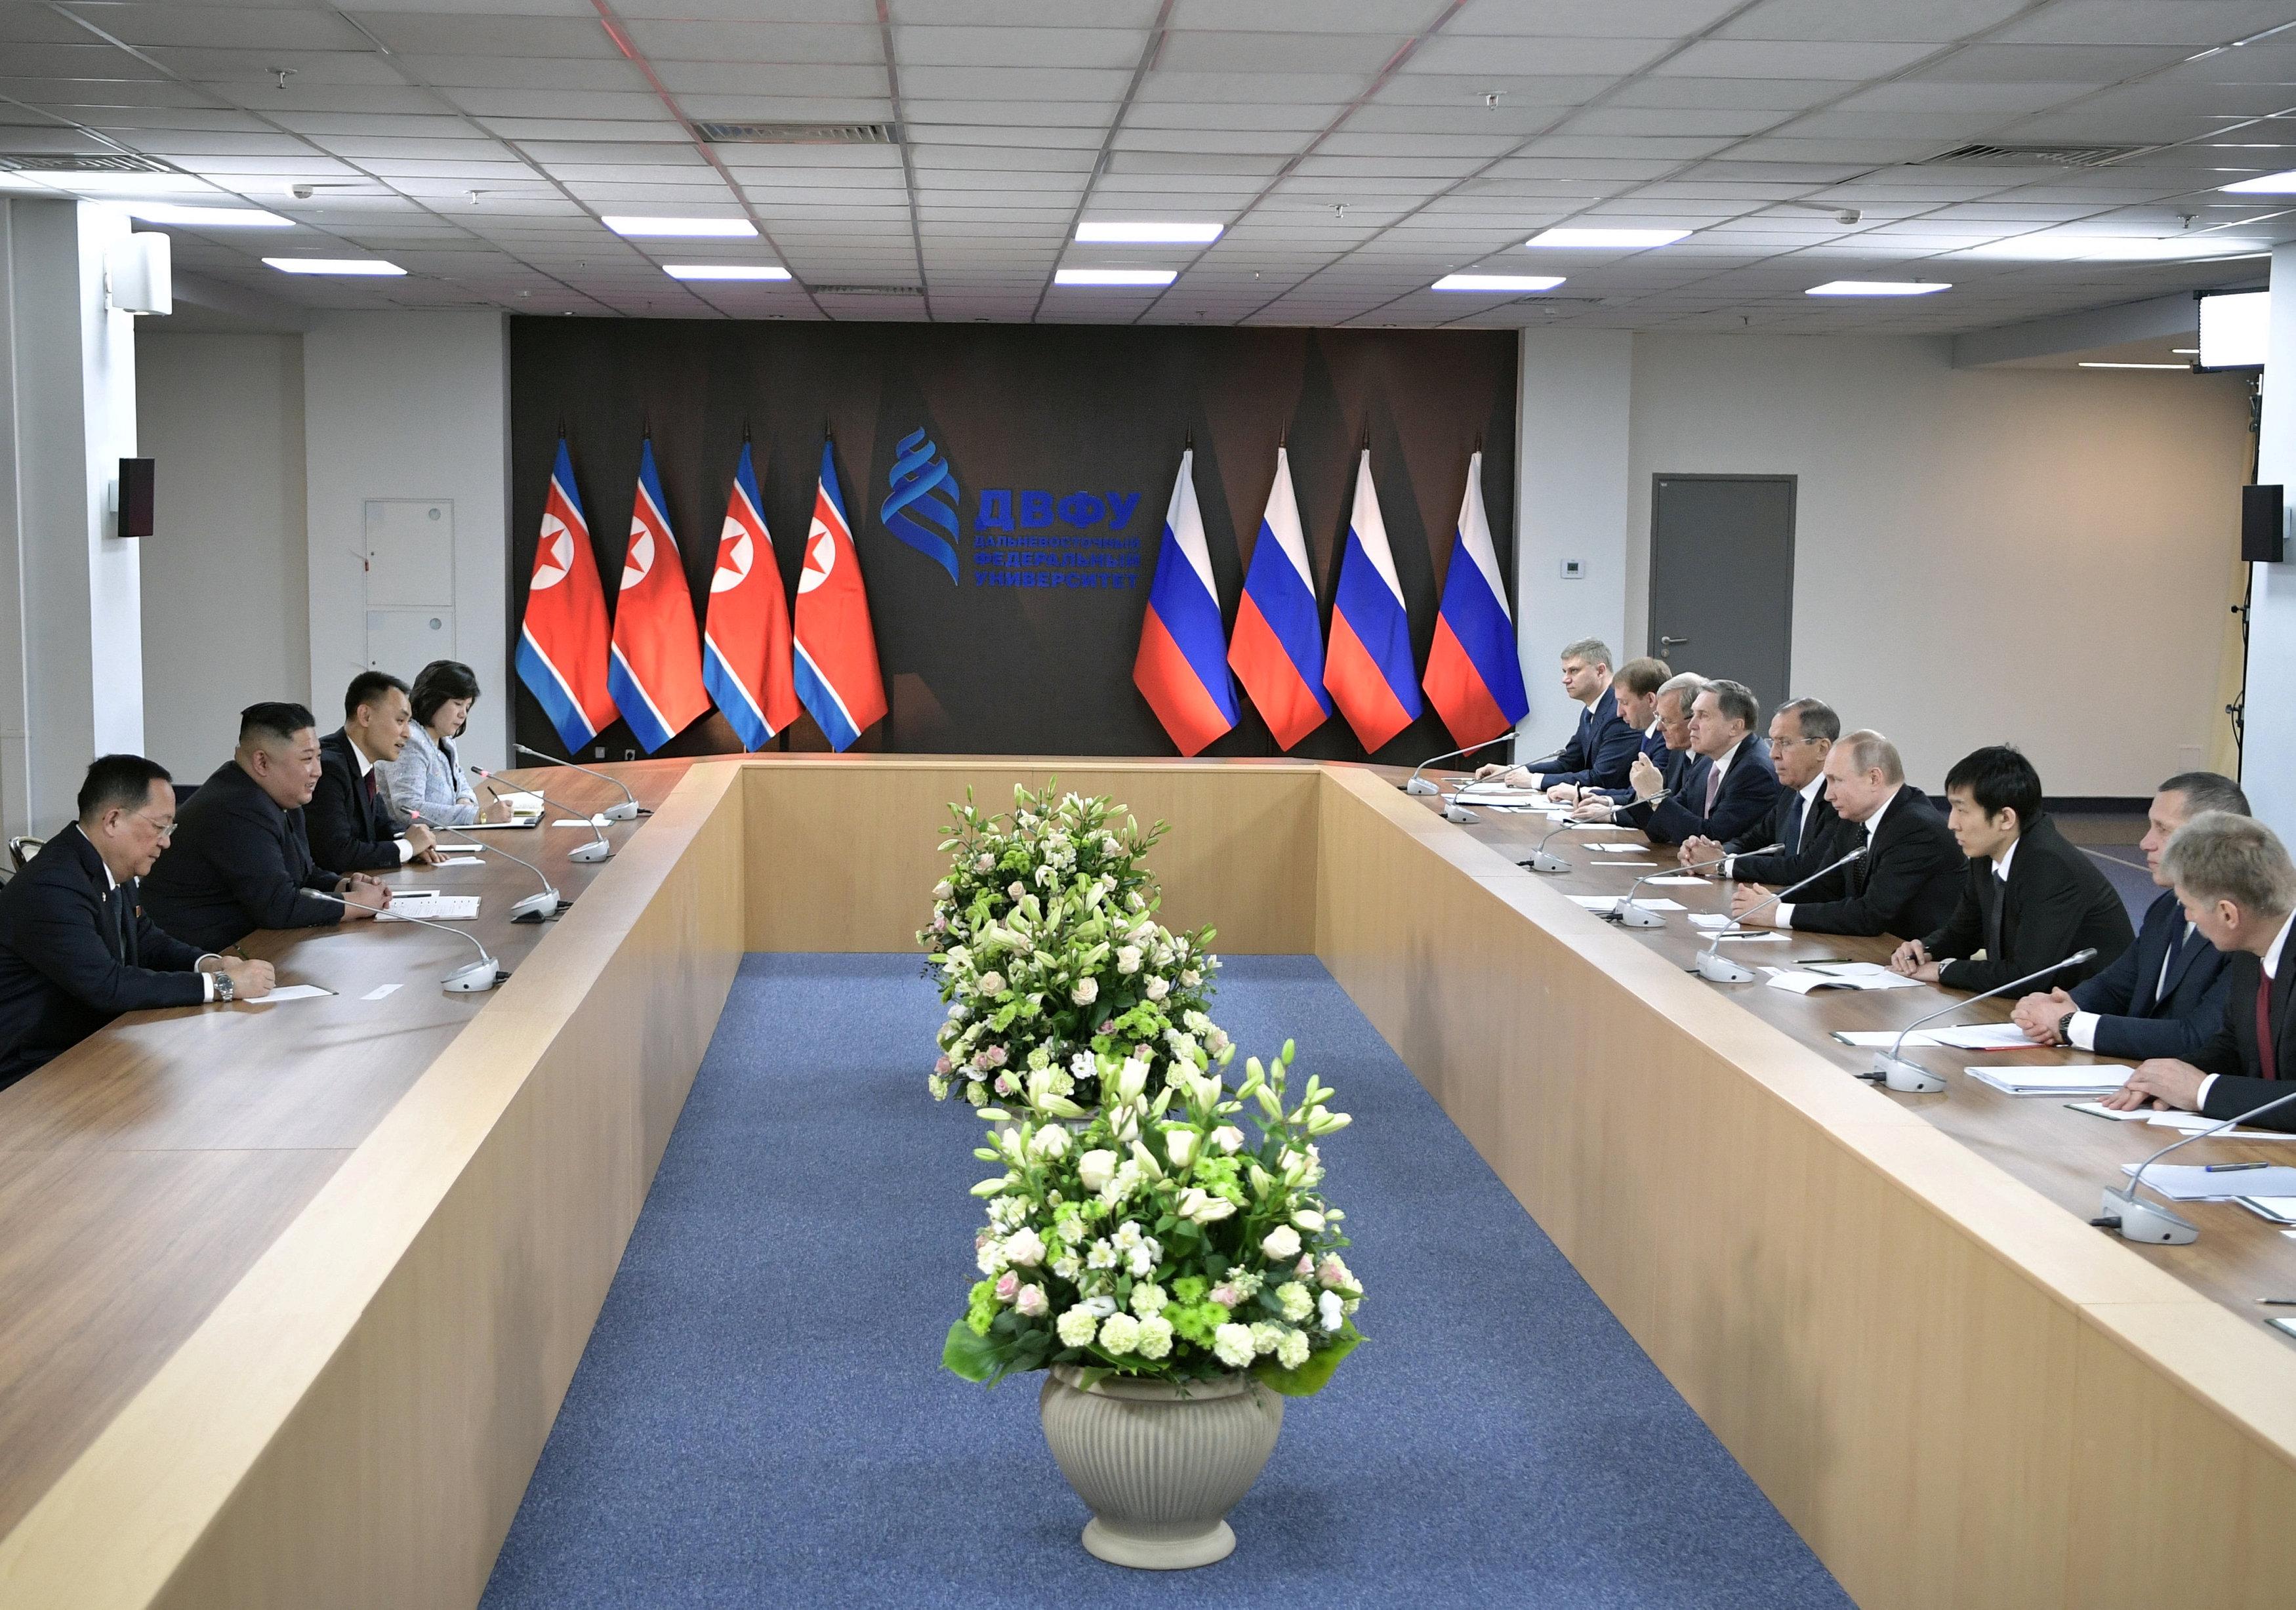 Tras el fiasco con Trump, Kim reaviva los vínculos históricos con Rusia